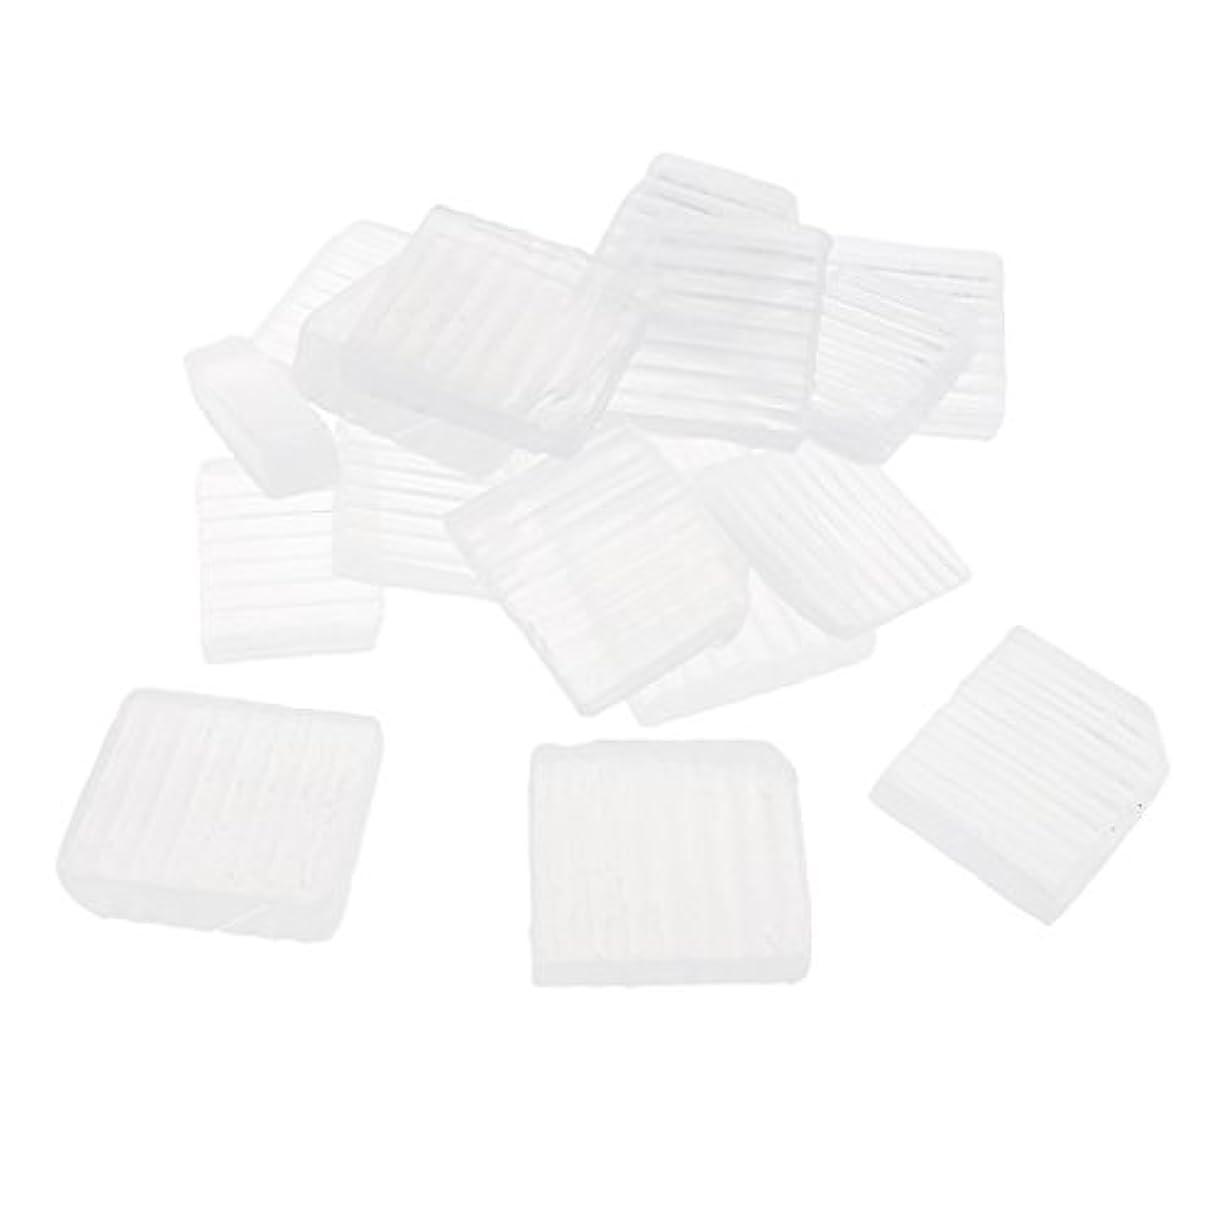 マントとても染料透明 石鹸ベース DIY 手作り 石鹸 約1 KG